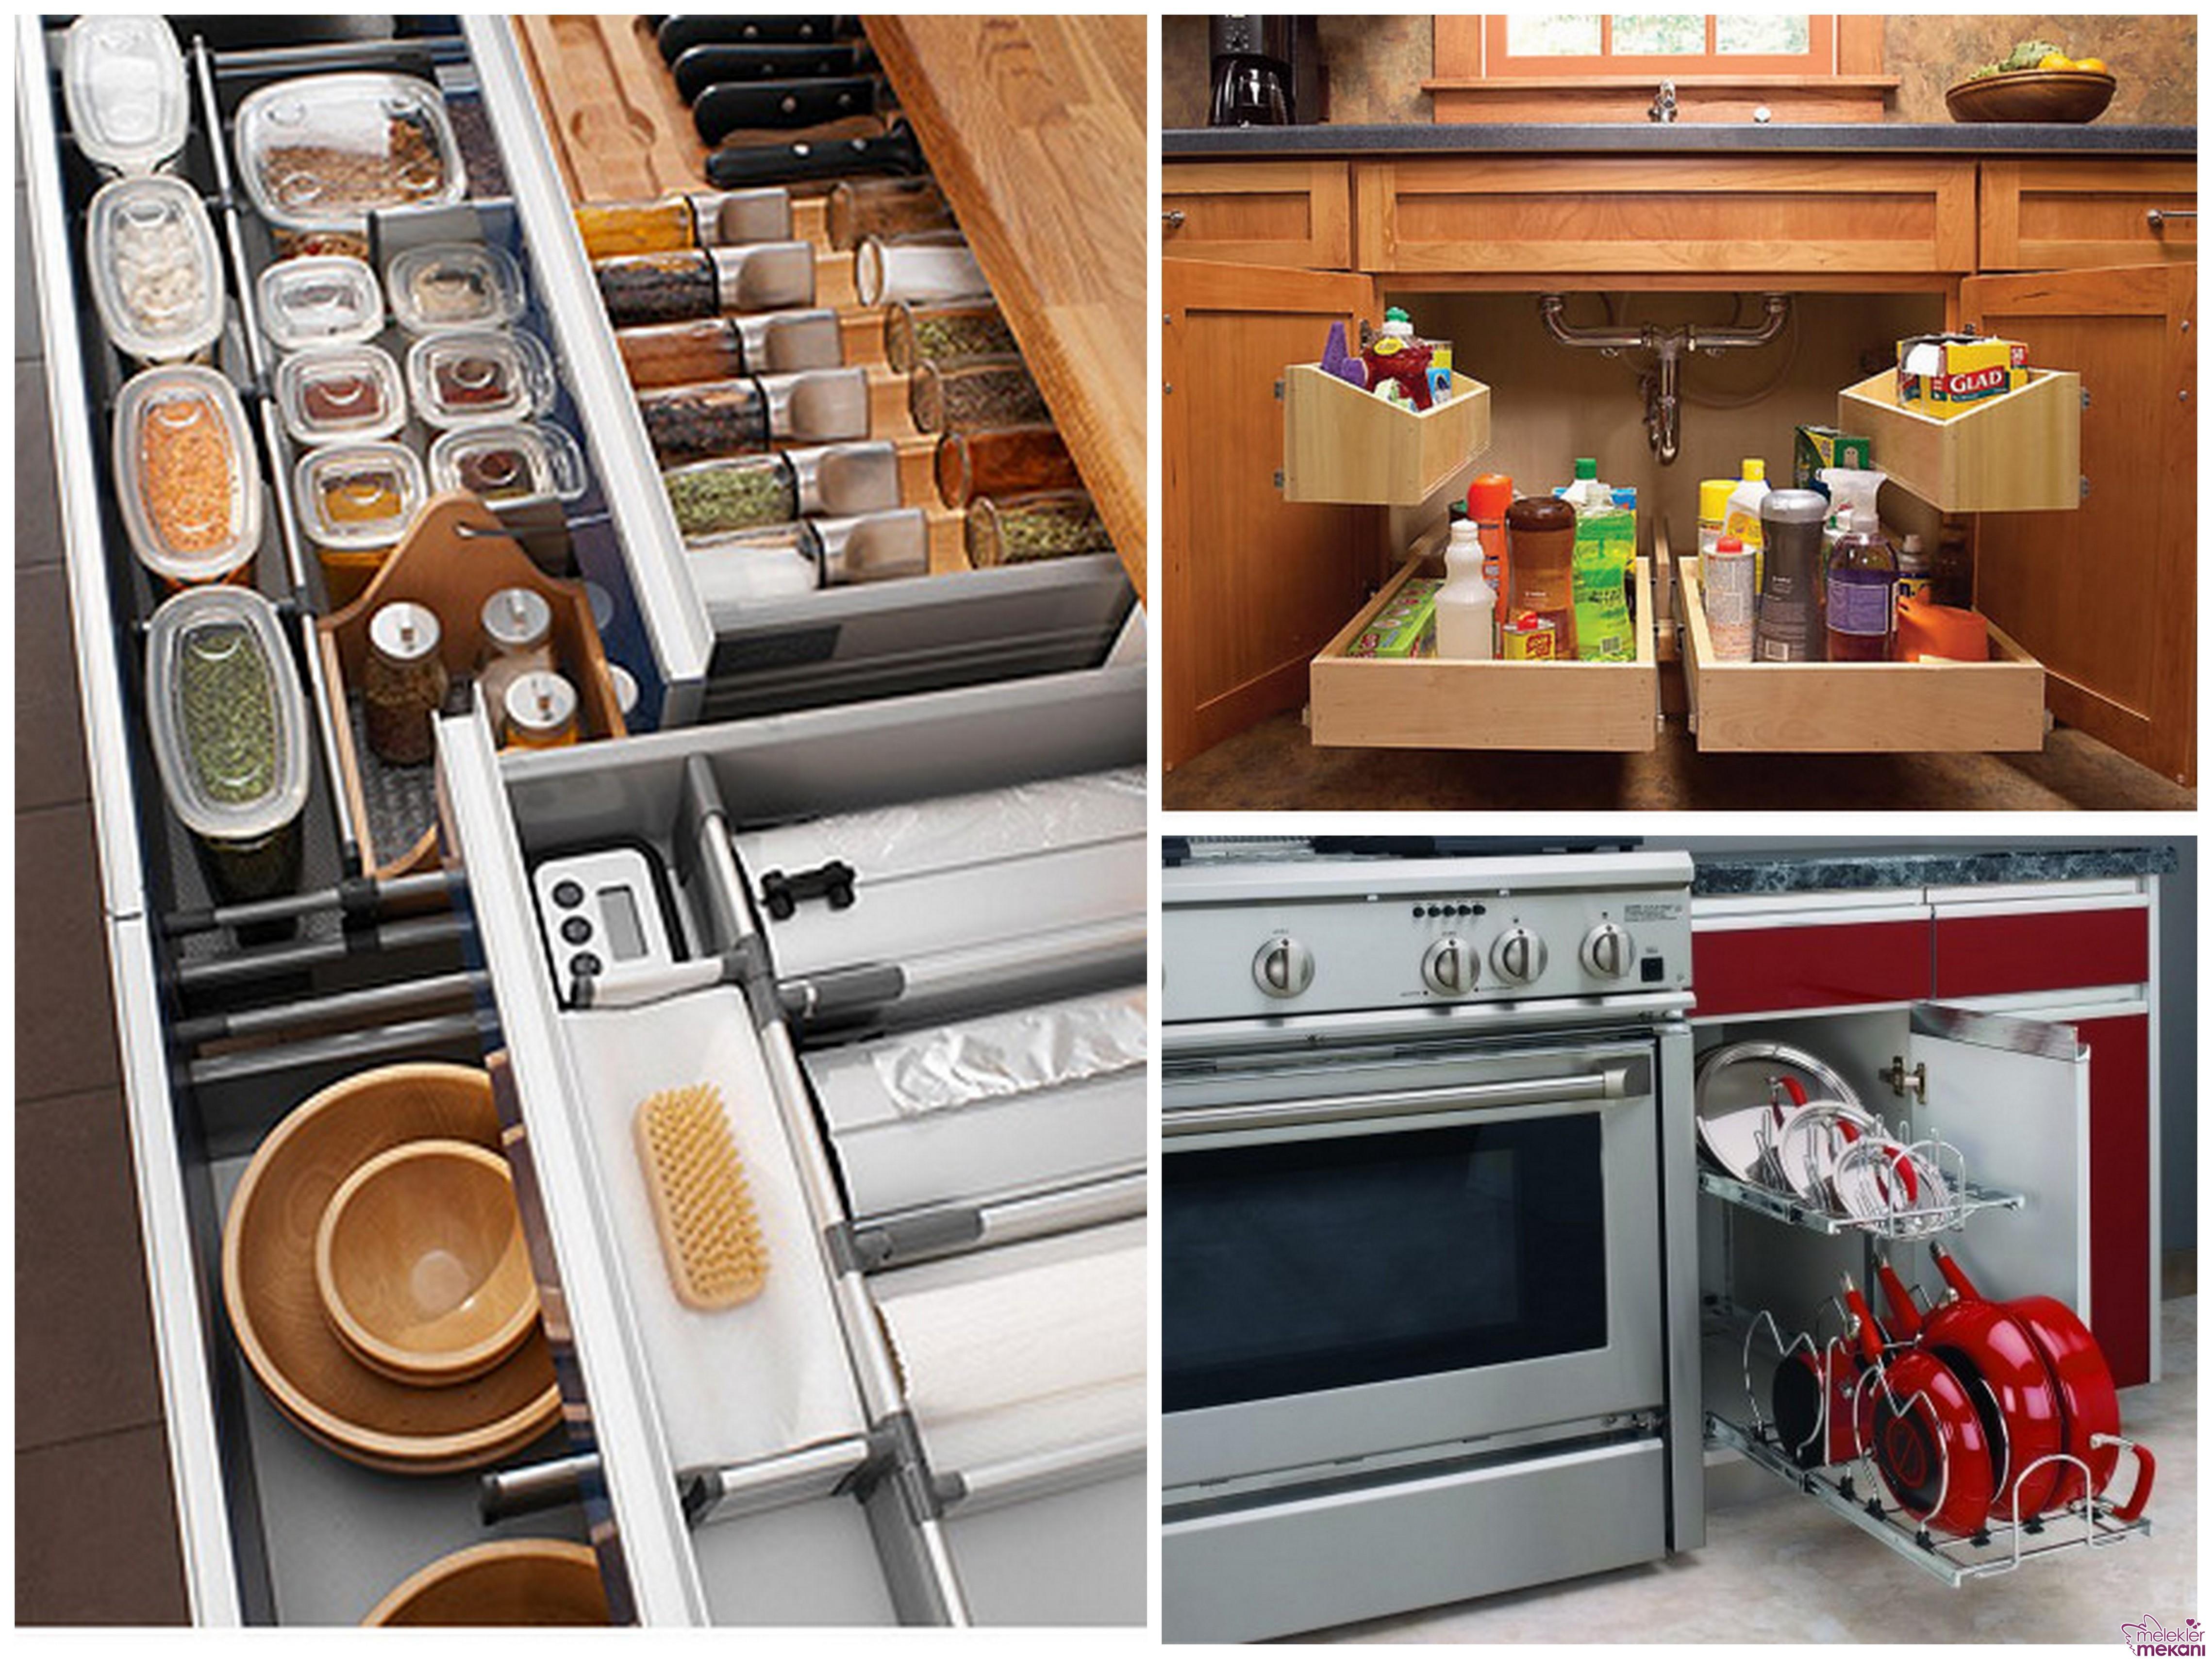 Mutfakta dolap içi düzenleyicileri ile düzen sağlayabilirsiniz.